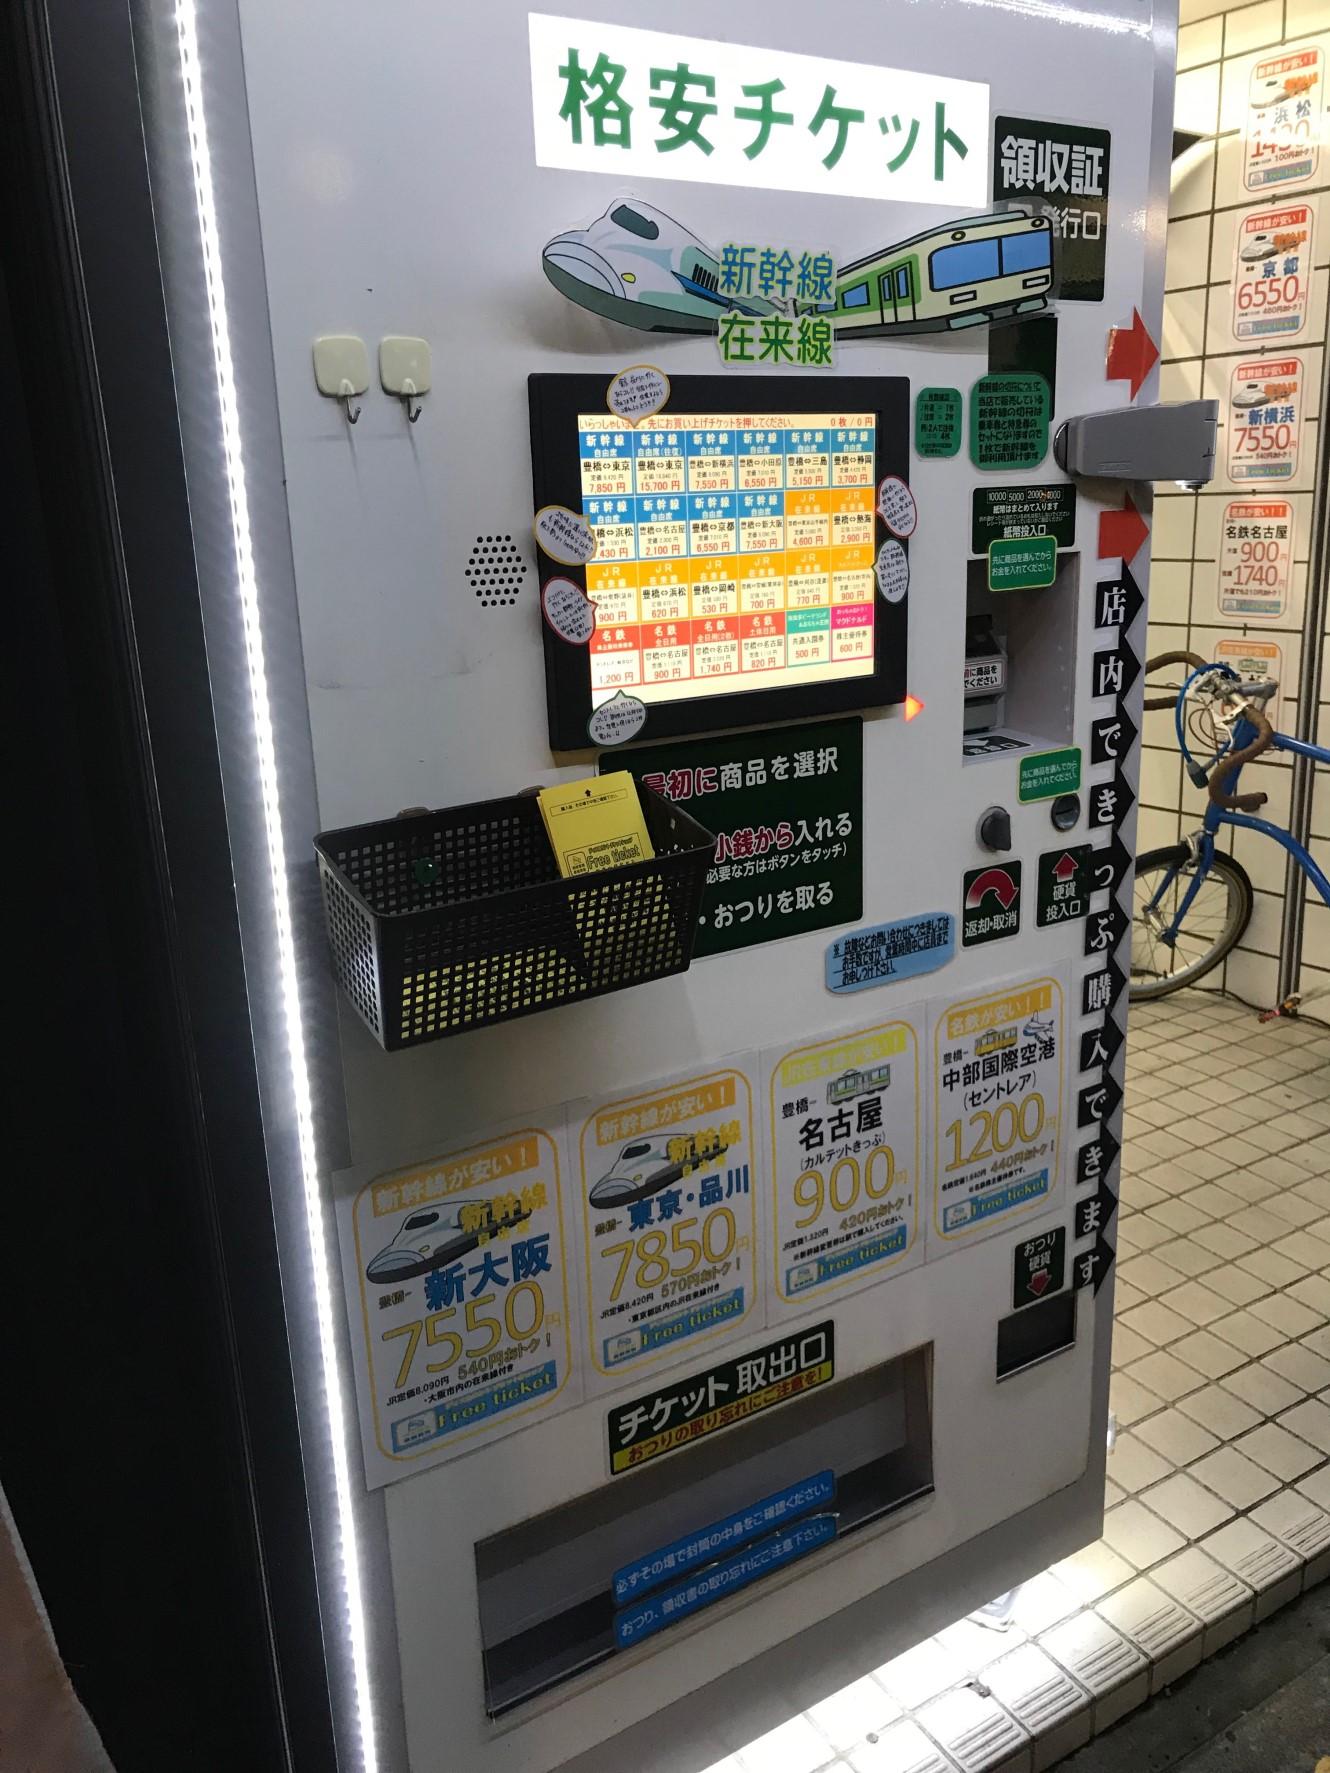 豊橋金券ショップフリーチケット|自販機